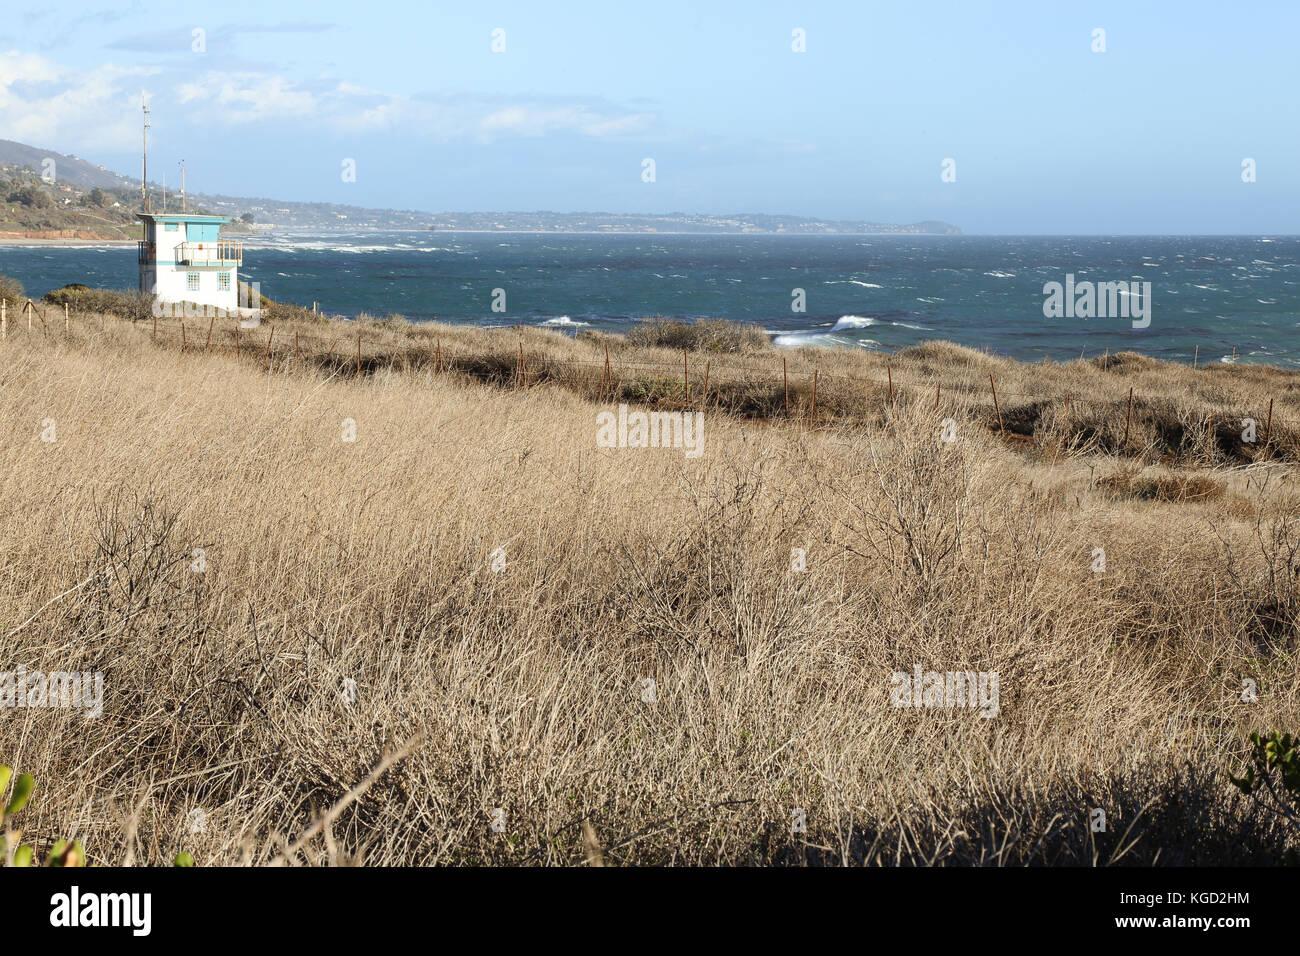 Lifeguard station at Leo Carrillo State Beach, Malibu California Stock Photo